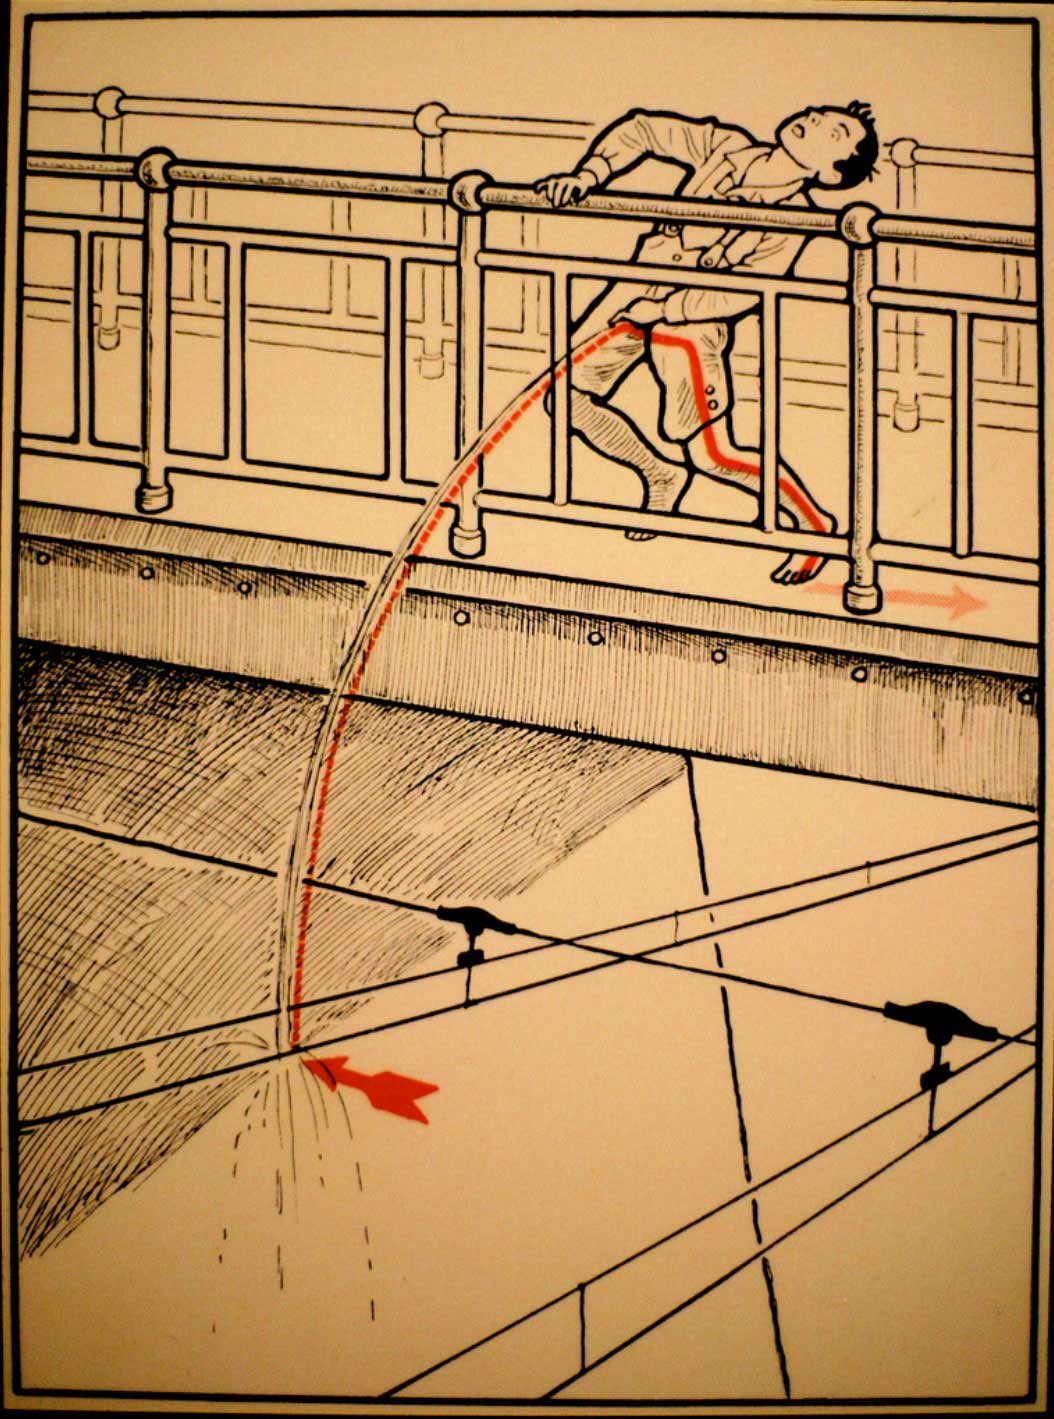 1931 wurde vor skurrilen Arten eines Stromschlages gewarnt